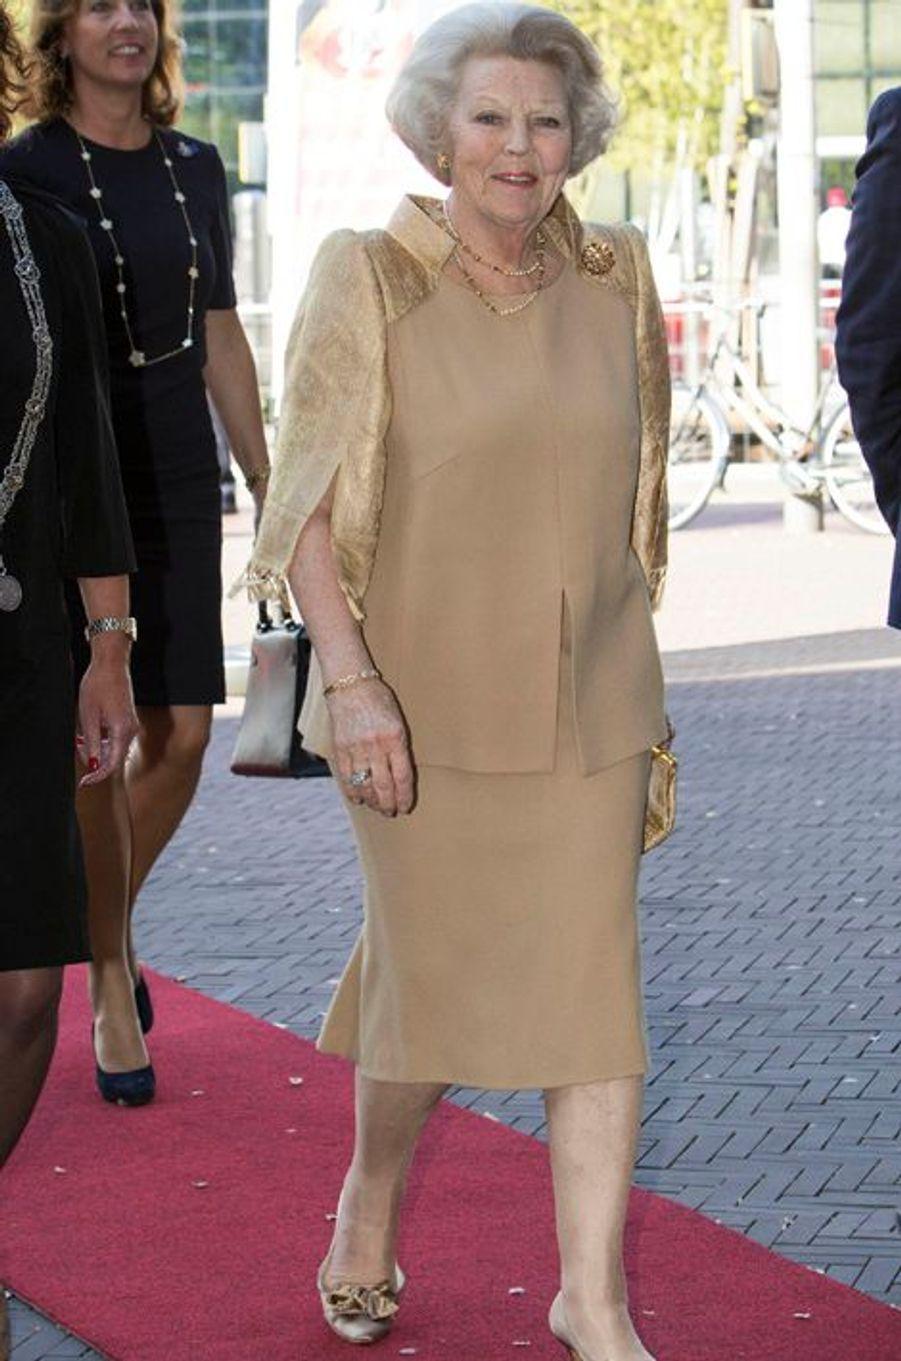 La princesse Beatrix des Pays-Bas au Theater Aan Het Spui à La Haye, le 21 mai 2015